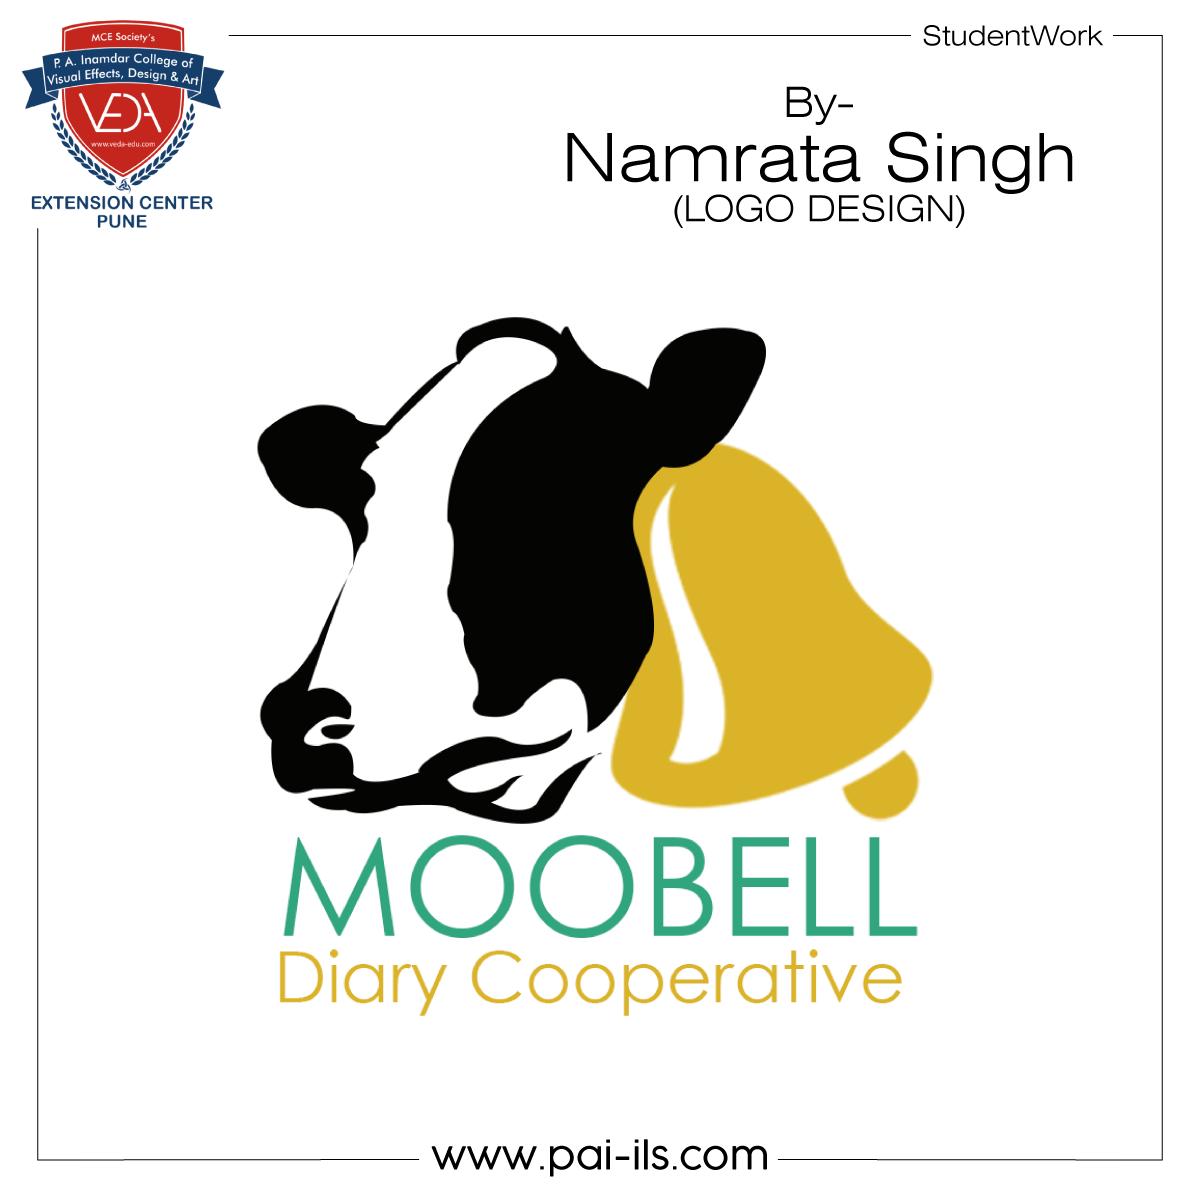 Namrata-Singh-(-LOGO-DESIGN-2-)